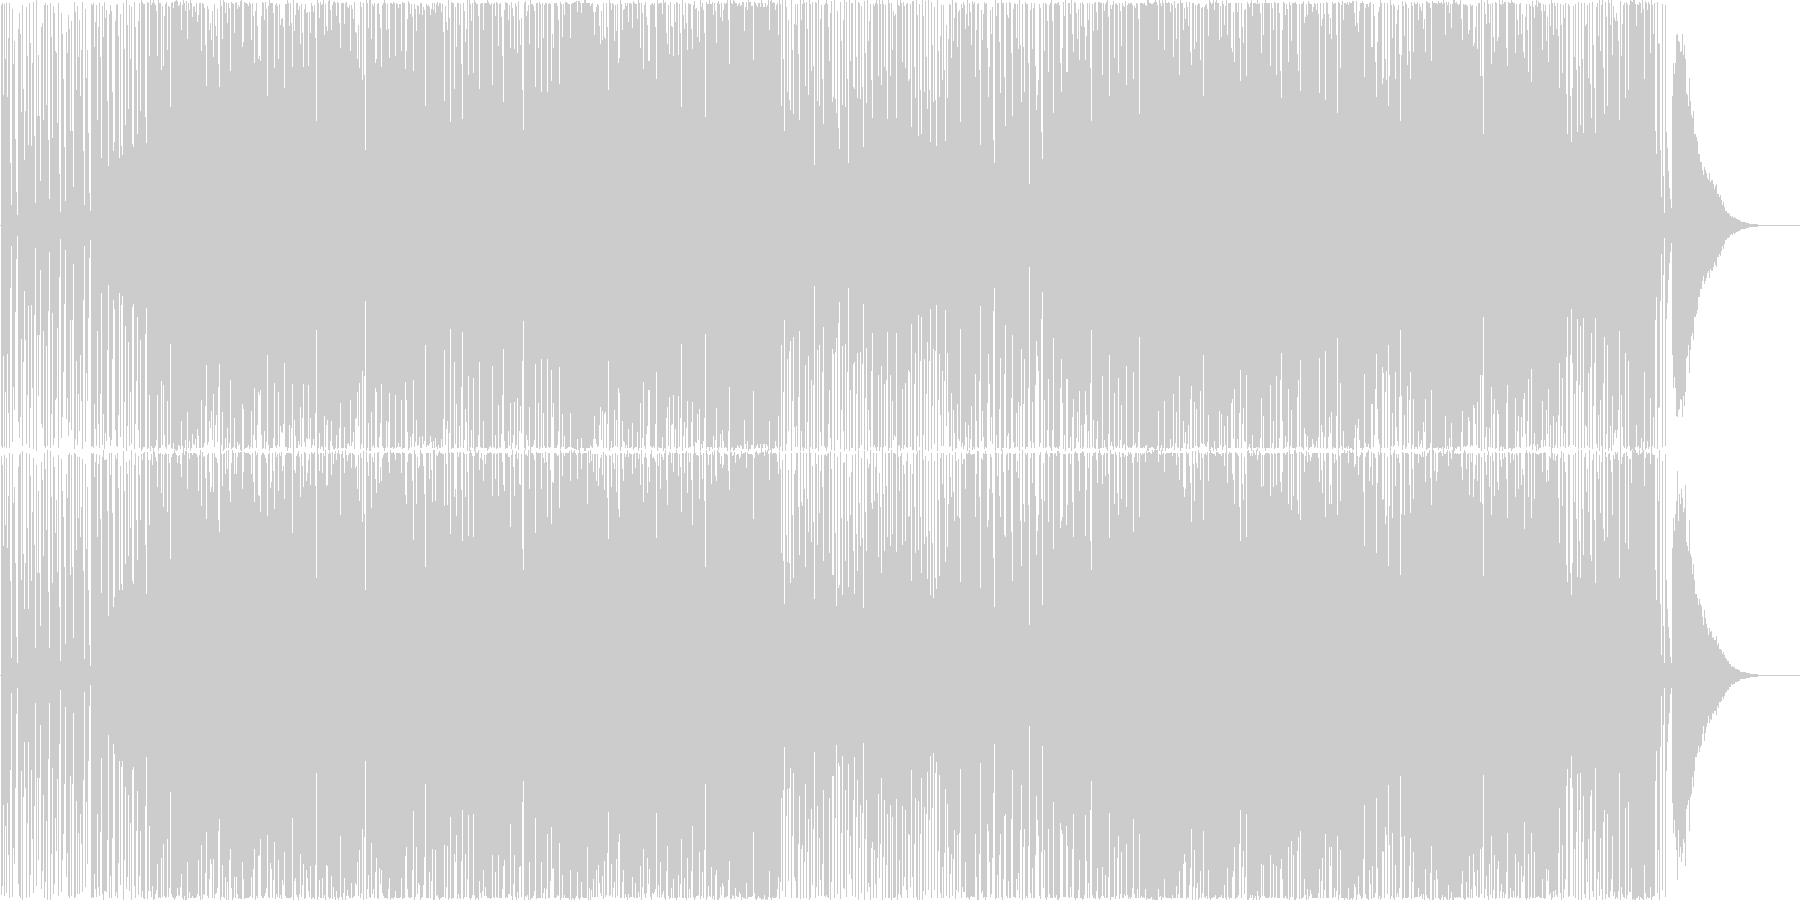 和楽器を使用した和風EDM、映像等にの未再生の波形